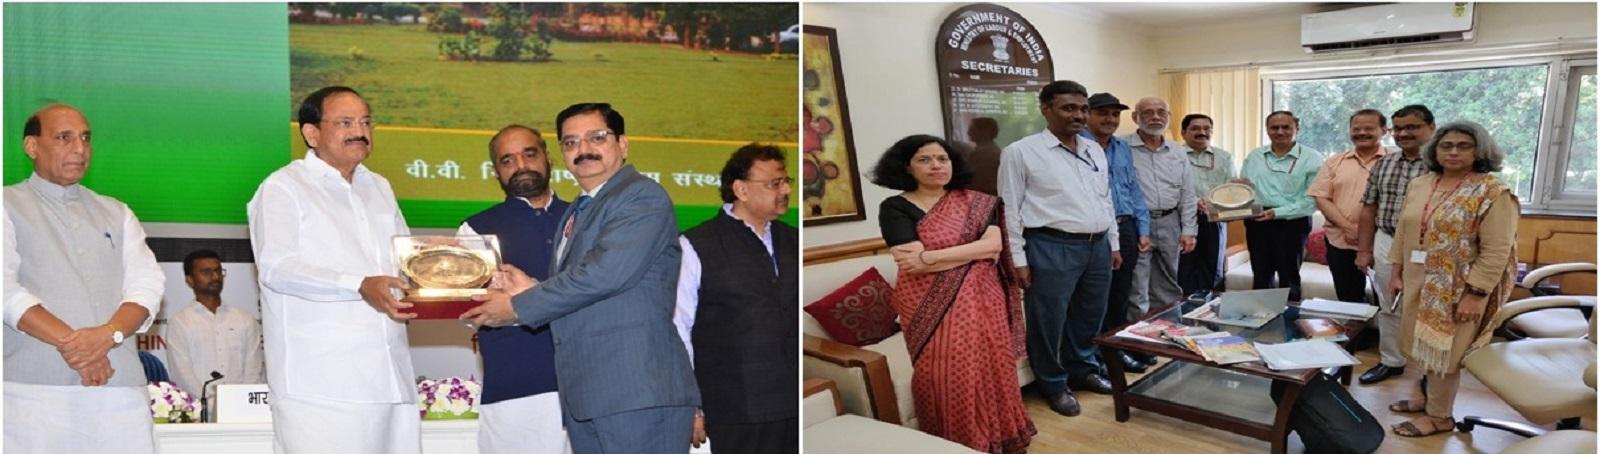 हिंदी दिवस 2018 के अवसर पर 14 सितंबर 2018 को विज्ञान भवन, नई दिल्ली में आयोजित हिंदी दिवस समारोह में भारत के माननीय उपराष्ट्रपति श्री एम. वेंकैया नायडु जी से संस्थान की गृह पत्रिका 'श्रम संगम' के लिए द्वितीय पुरस्कार ग्रहण करते हुए संस्थान के महानिदेशक डॉ